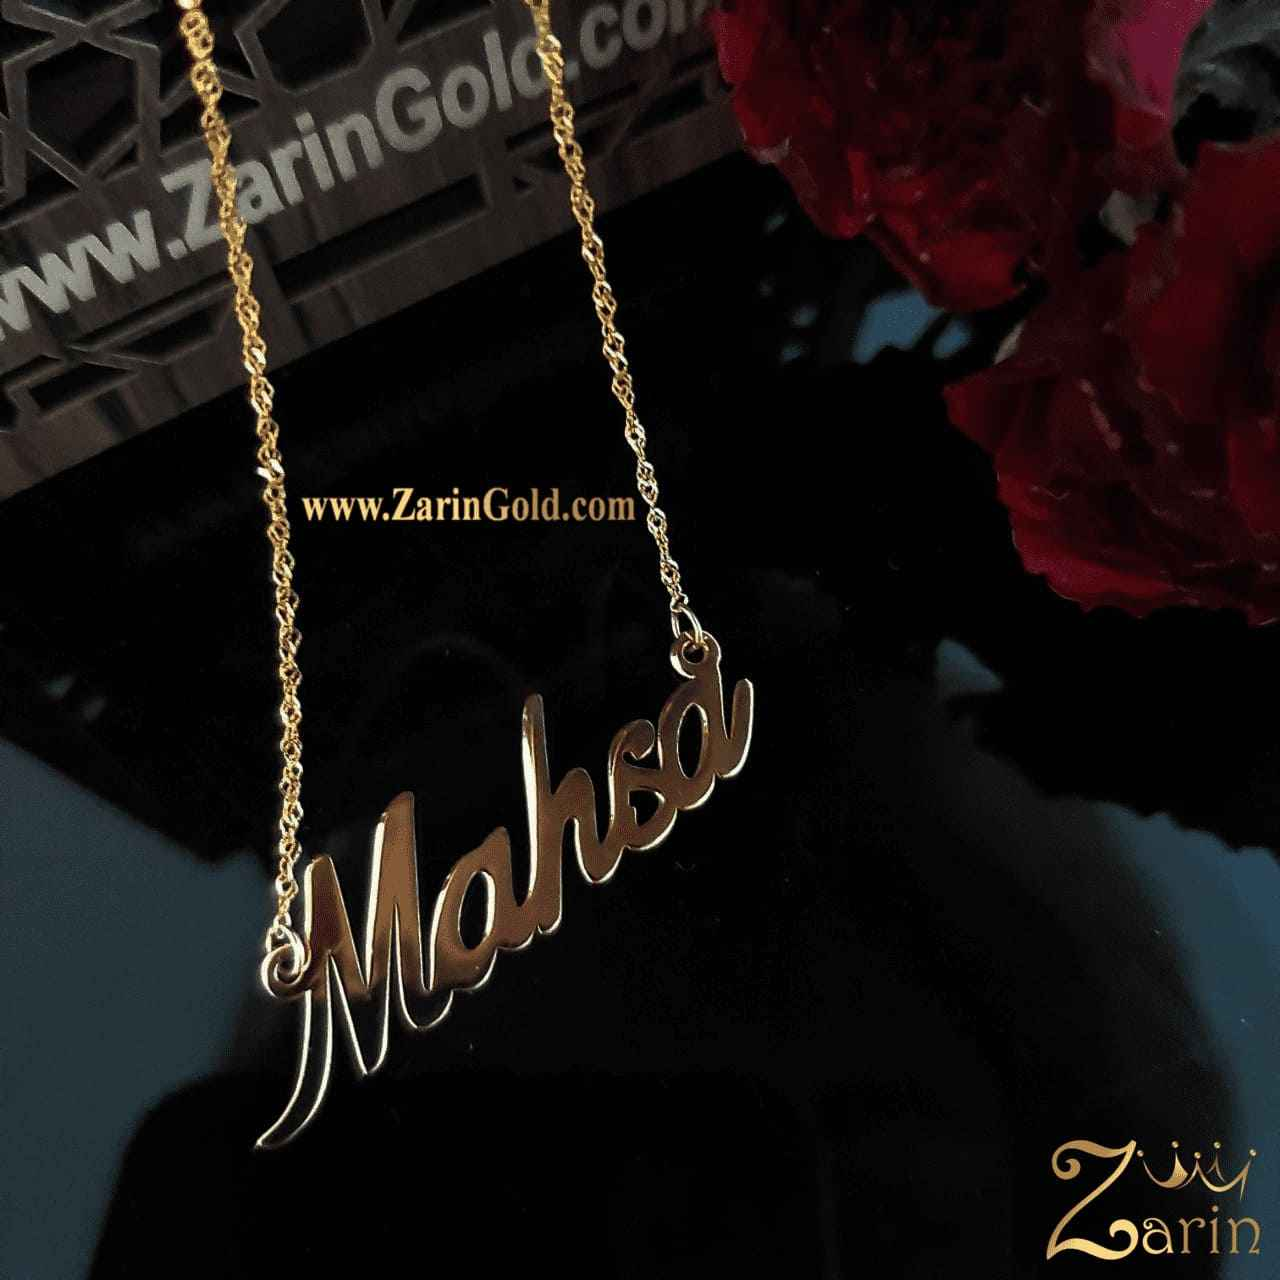 گردنبند طلا اسم مهسا انگلیسی با زنجیر